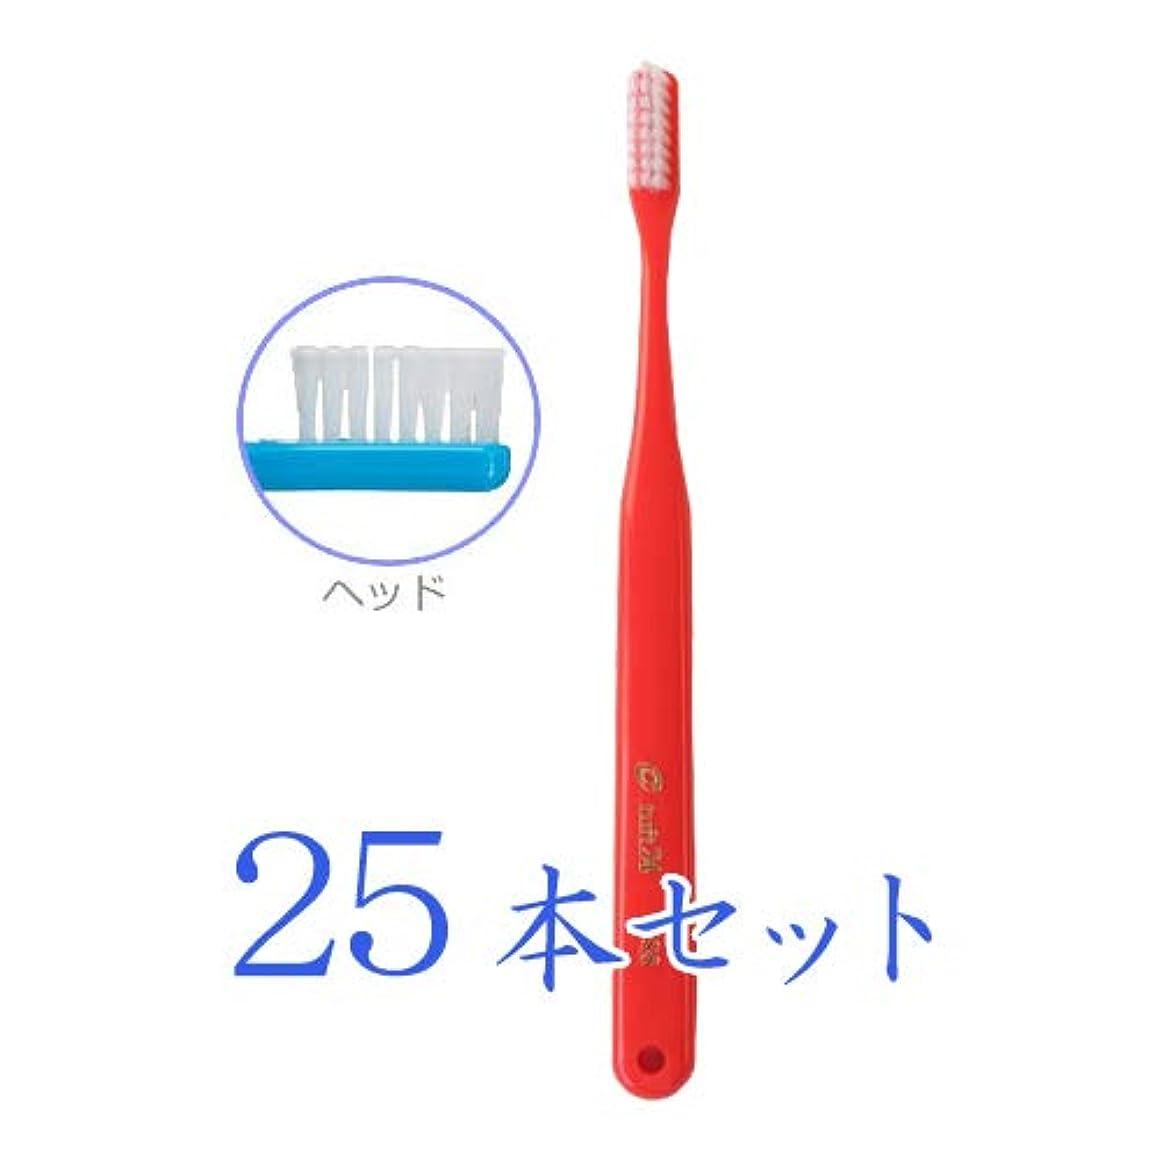 軽食義務基本的なオーラルケア タフト 24 歯ブラシ SS キャップなし 25本入 レッド